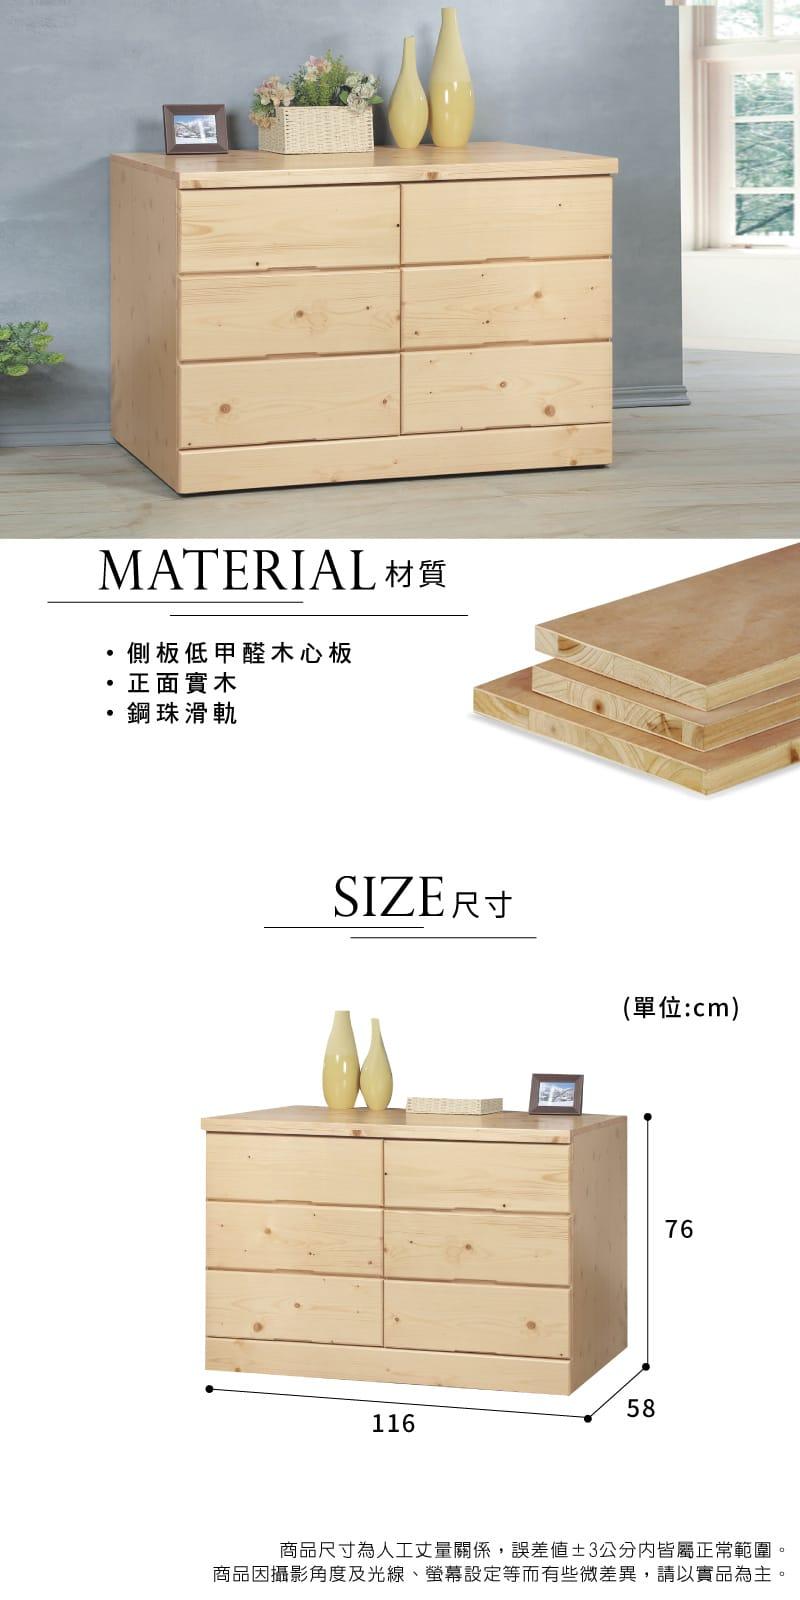 松木收納置物六斗櫃 寬116cm